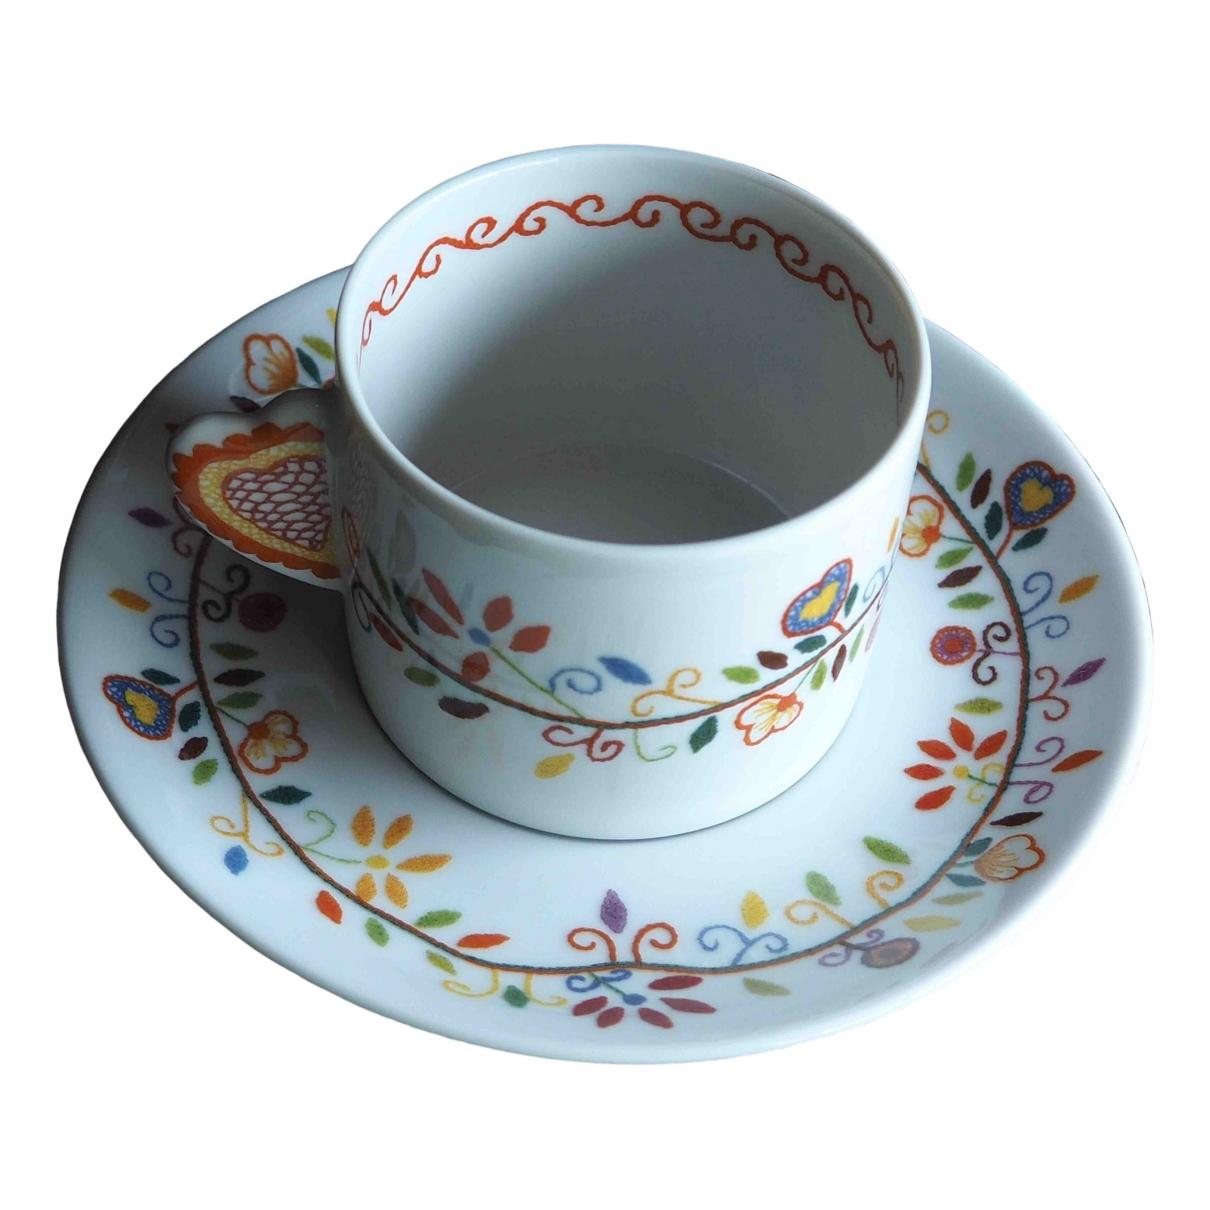 Juego de te/cafe de Porcelana Non Signe / Unsigned